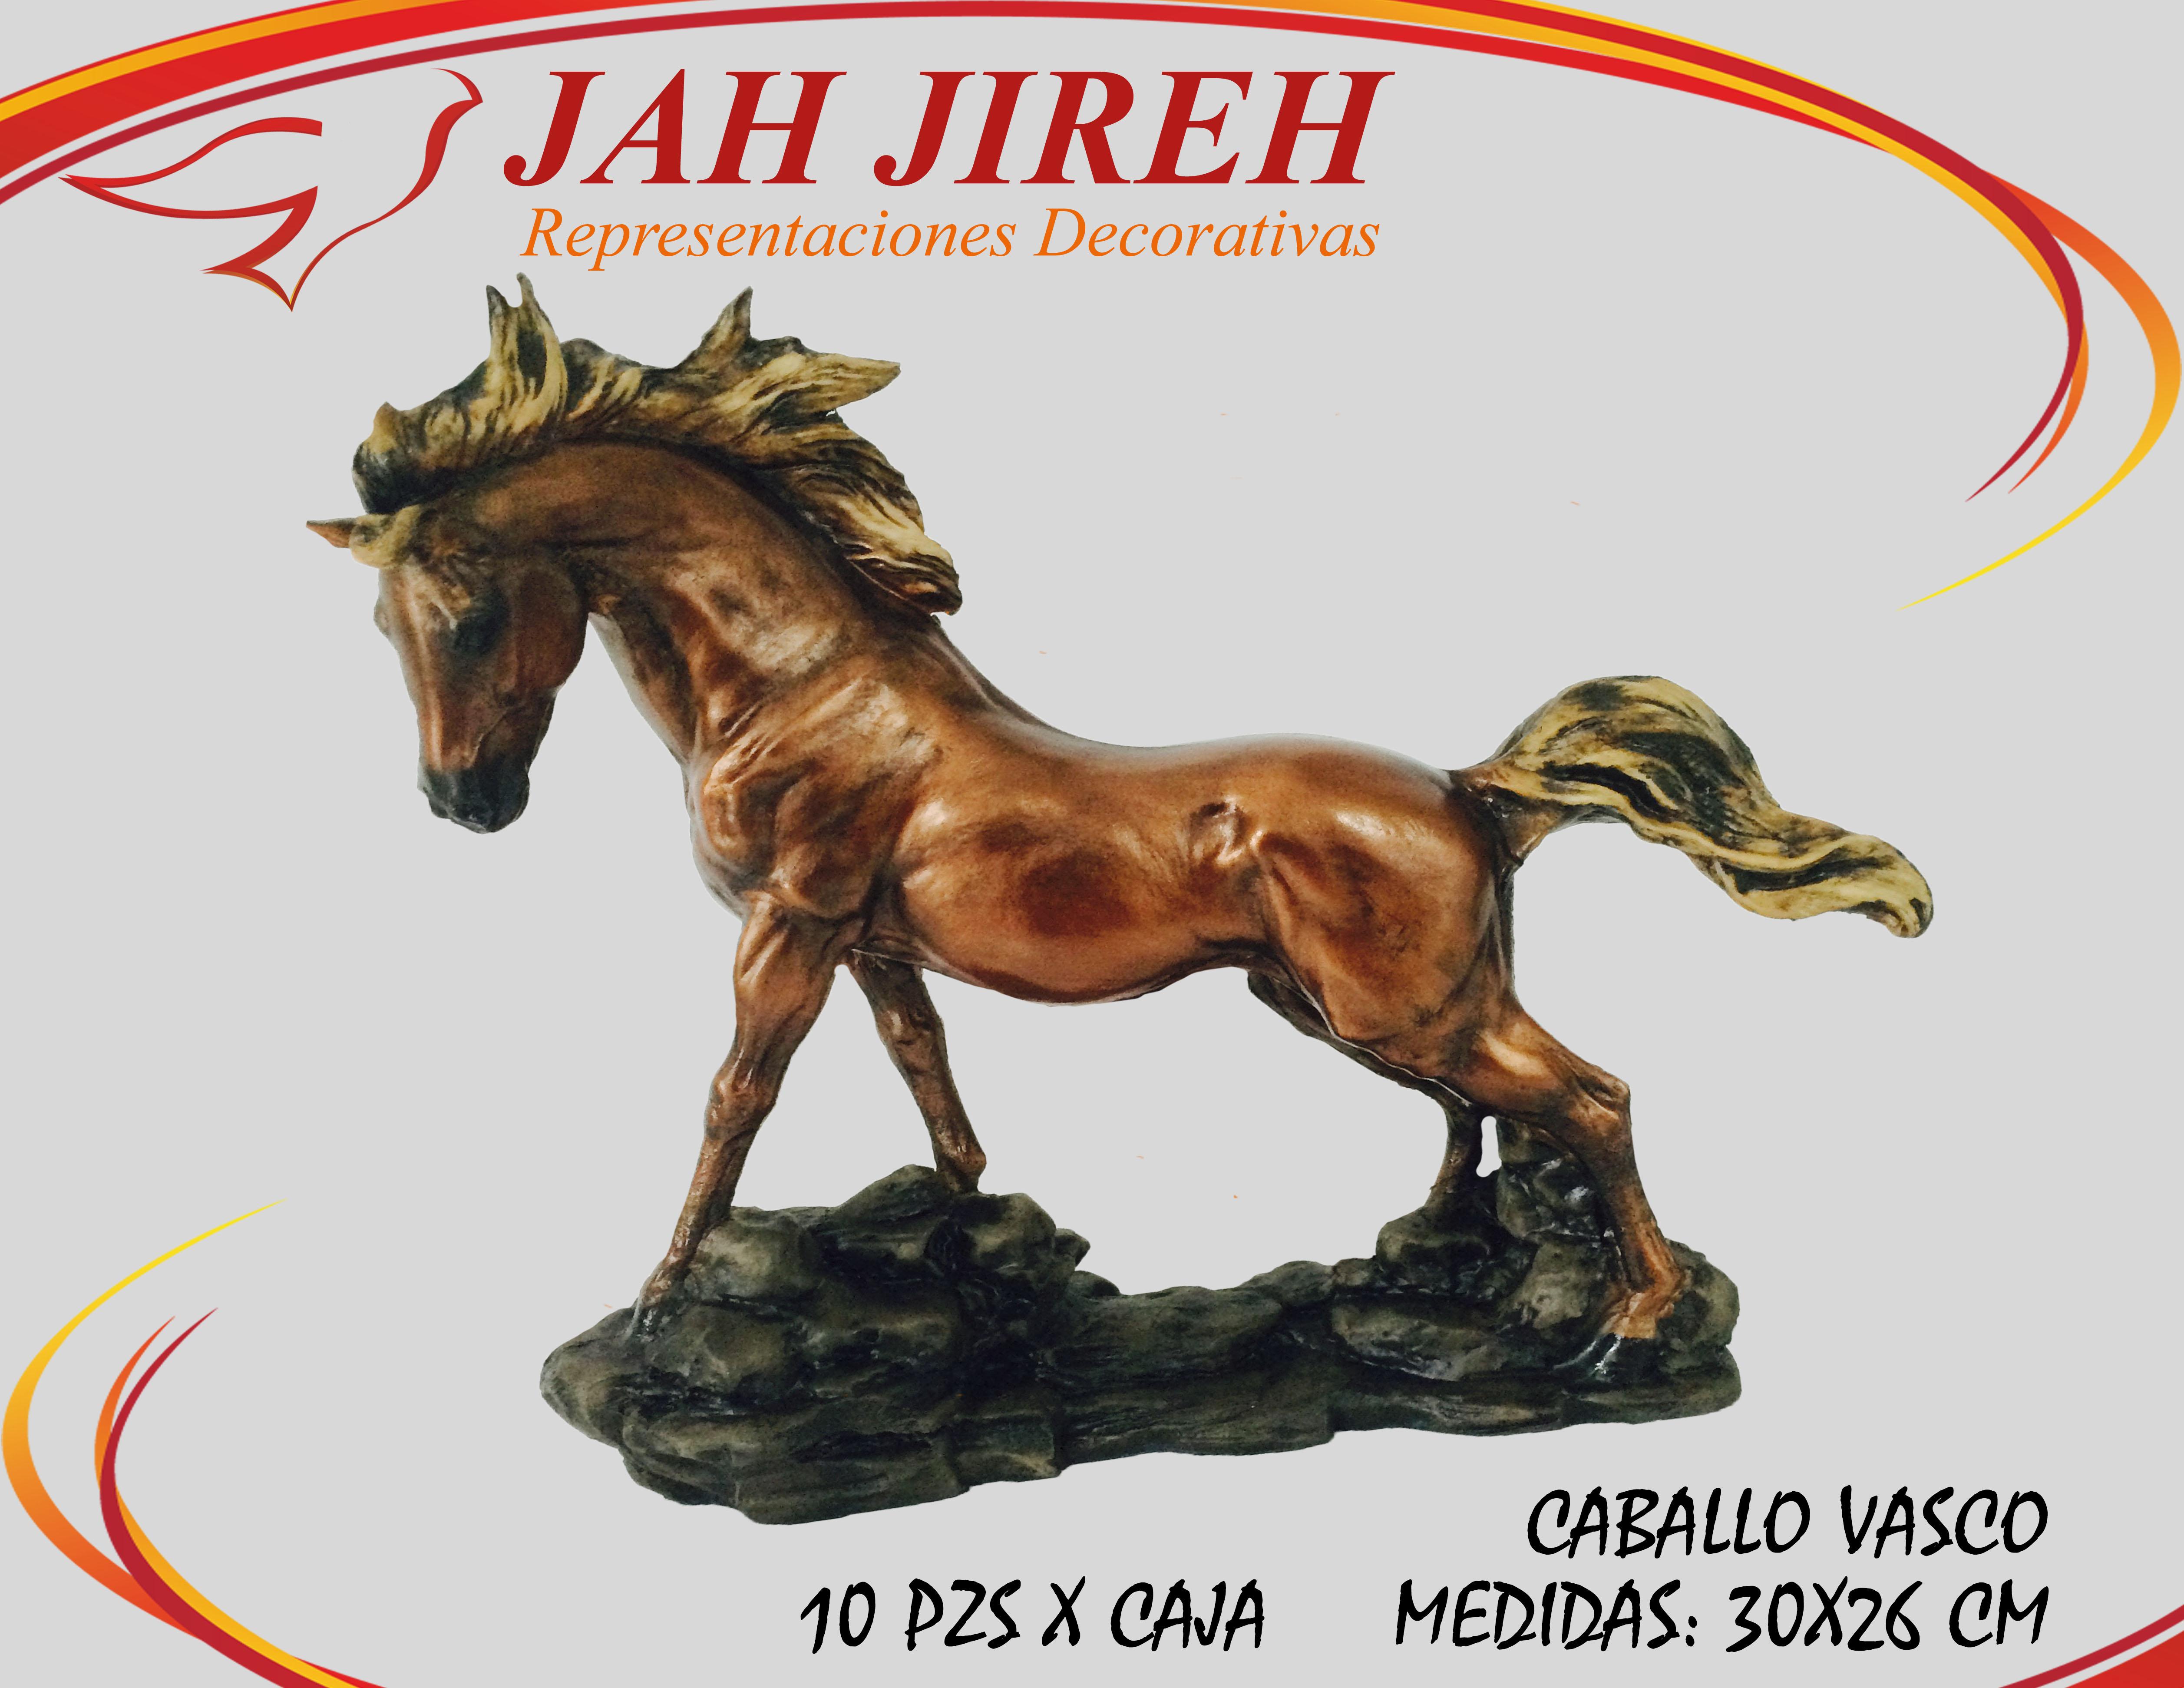 https://0201.nccdn.net/1_2/000/000/132/2a2/caballo-vasco.jpg